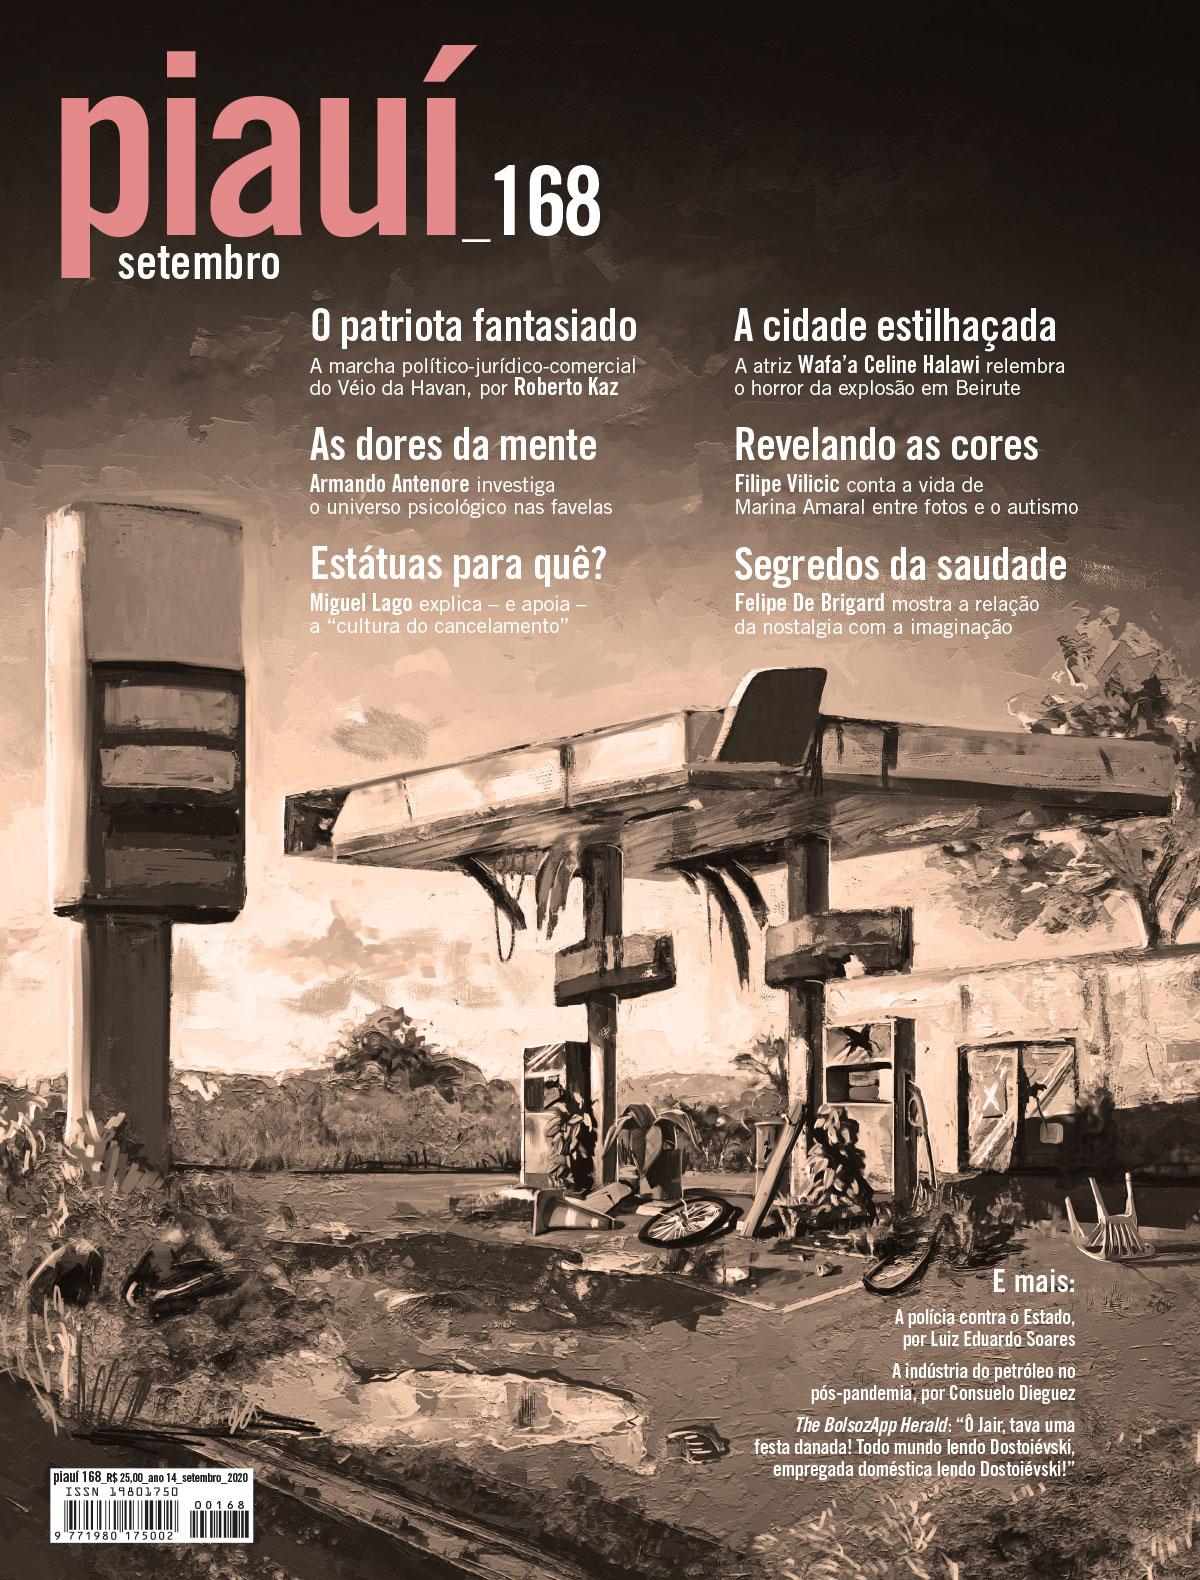 piauí_168